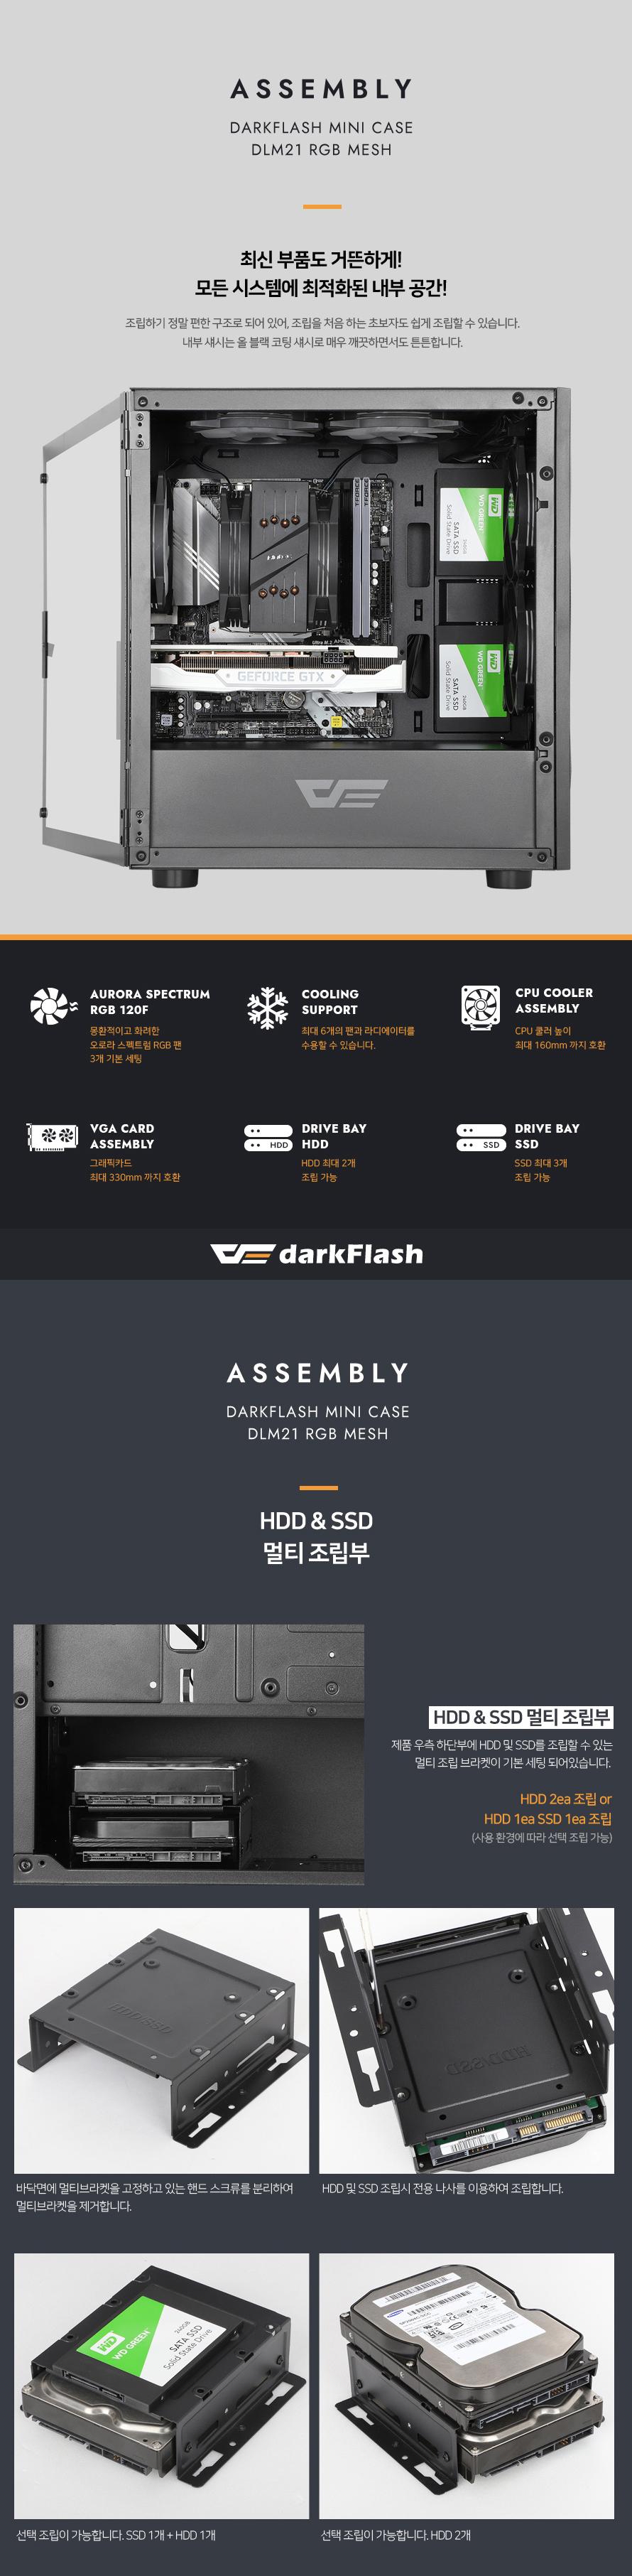 darkFlash  DLM21 RGB MESH 강화유리 블랙